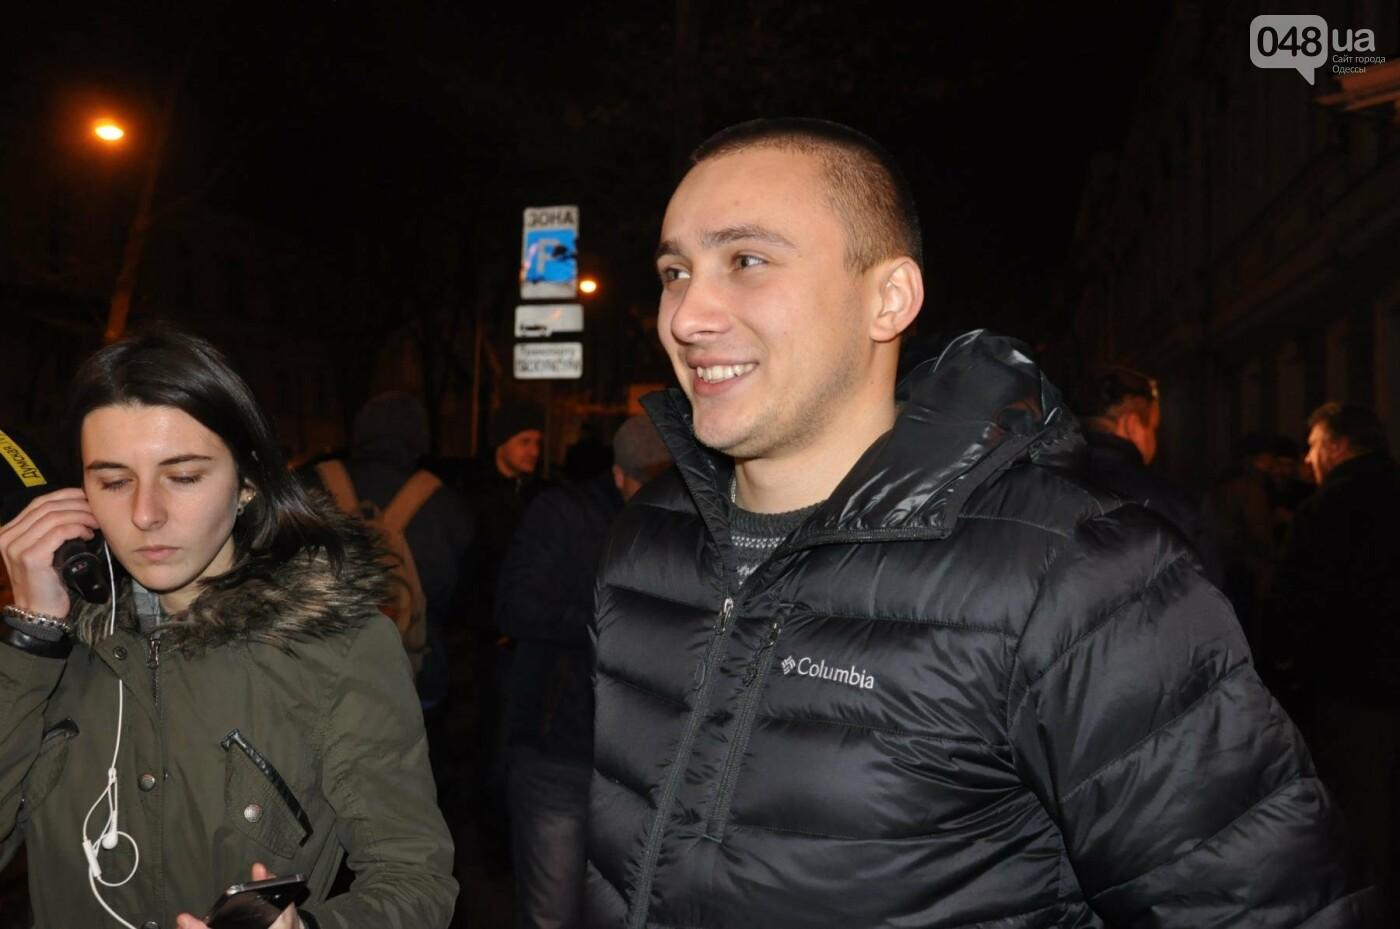 Сергей Стерненко сразу после освобождения приехал под одесскую прокуратуру (ФОТО, ВИДЕО), фото-2